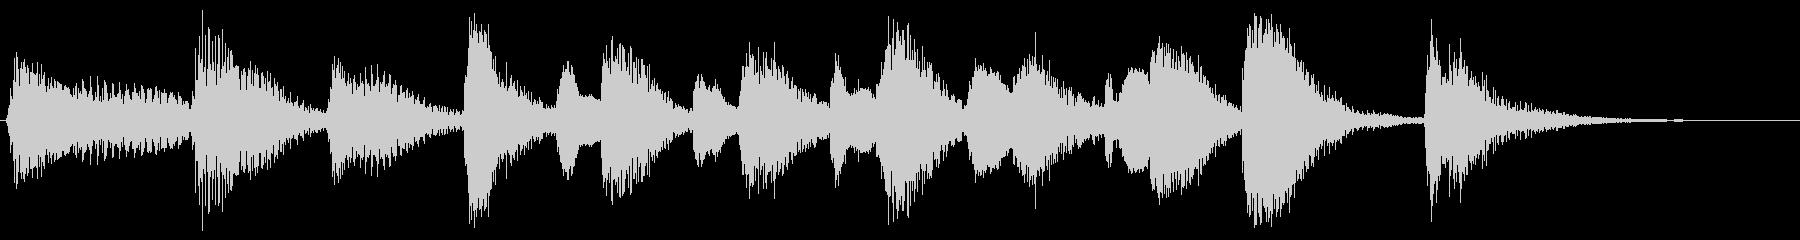 ラグタイムピアノの未再生の波形